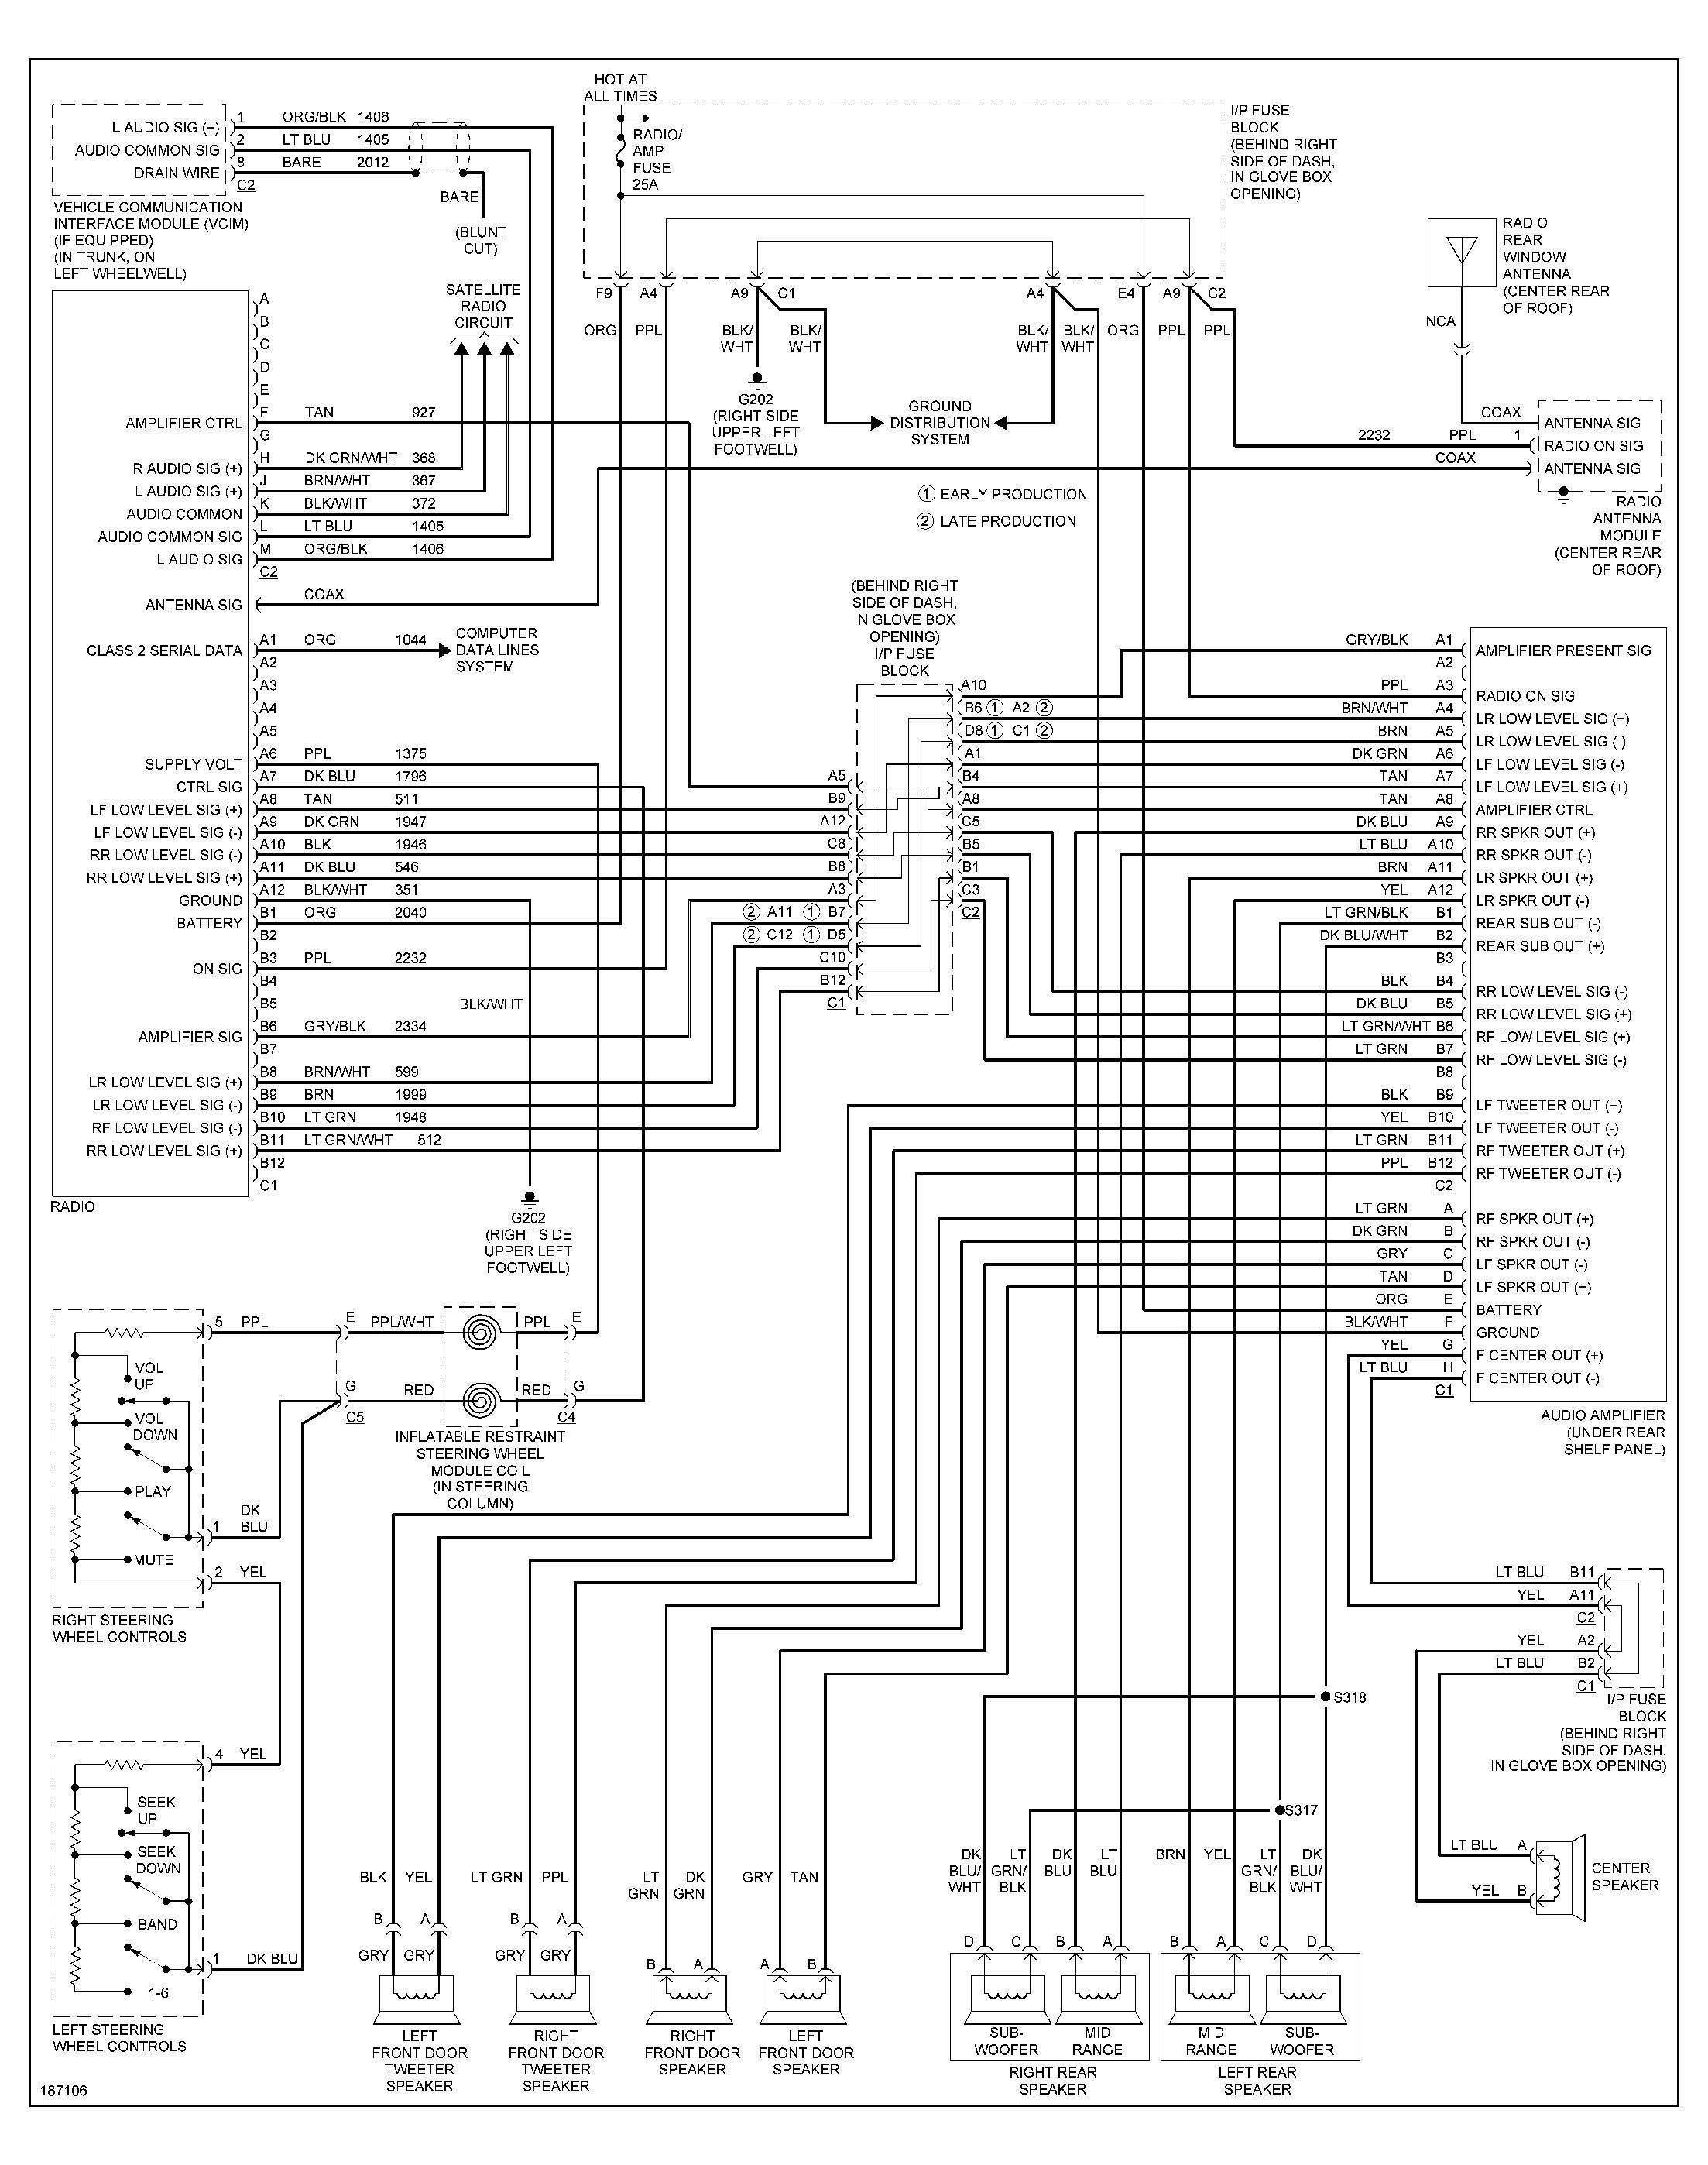 2001 Pontiac Grand Am Engine Diagram Take A Look About 1995 Grand Am with Awesome Of 2001 Pontiac Grand Am Engine Diagram